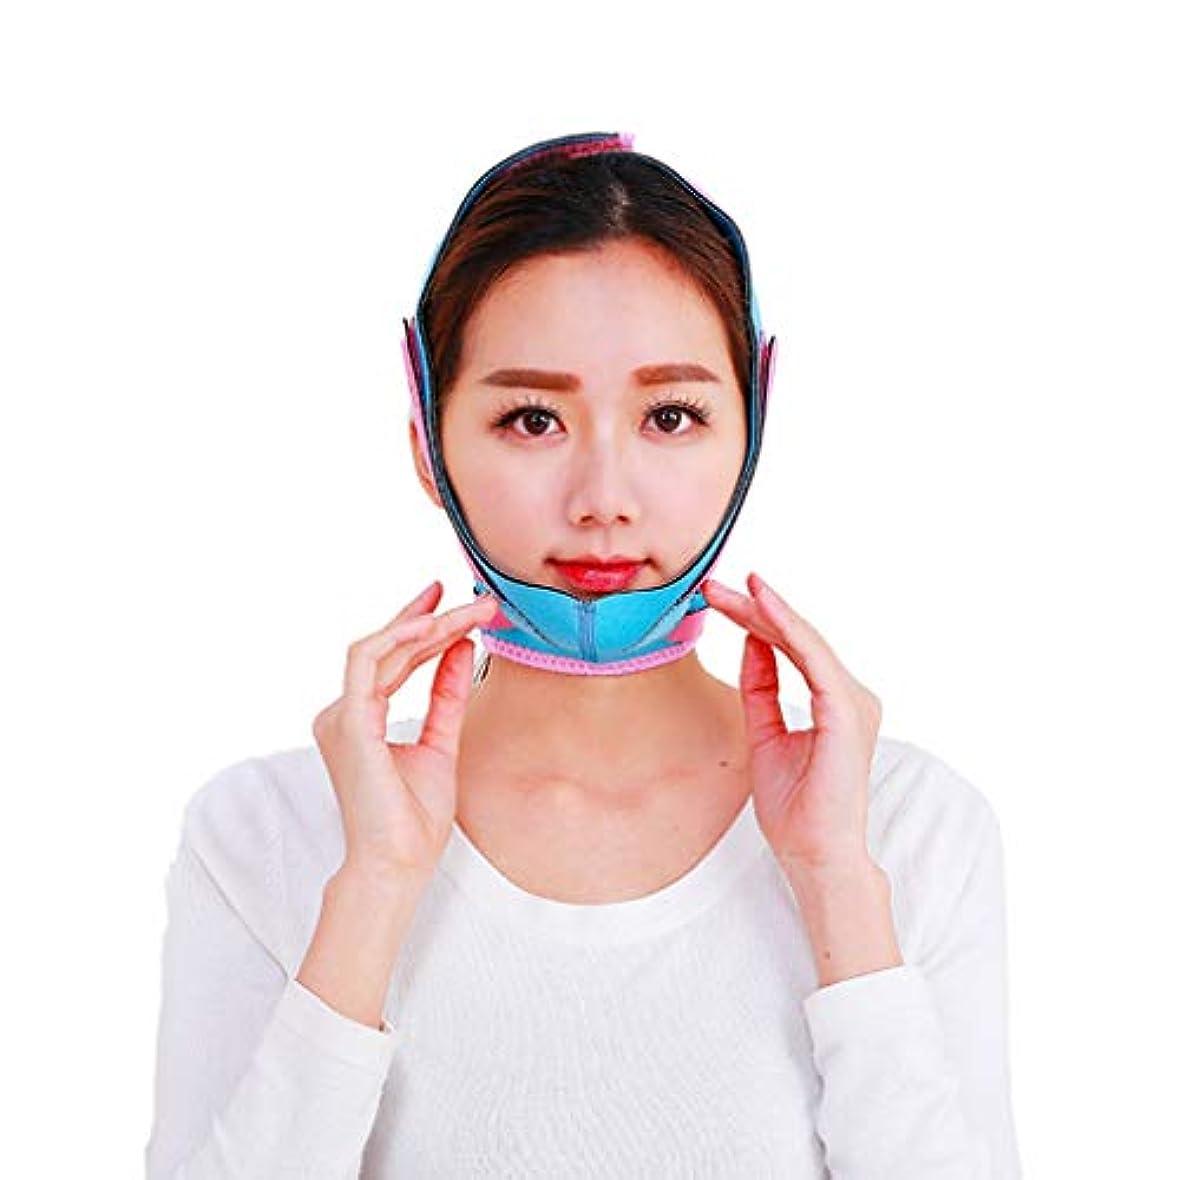 シンプトン売り手有料顔-リフティングマスクは、たるみの筋肉や引き締まった肌の弾力性を和らげるために輪郭を強化する V フェイス包帯